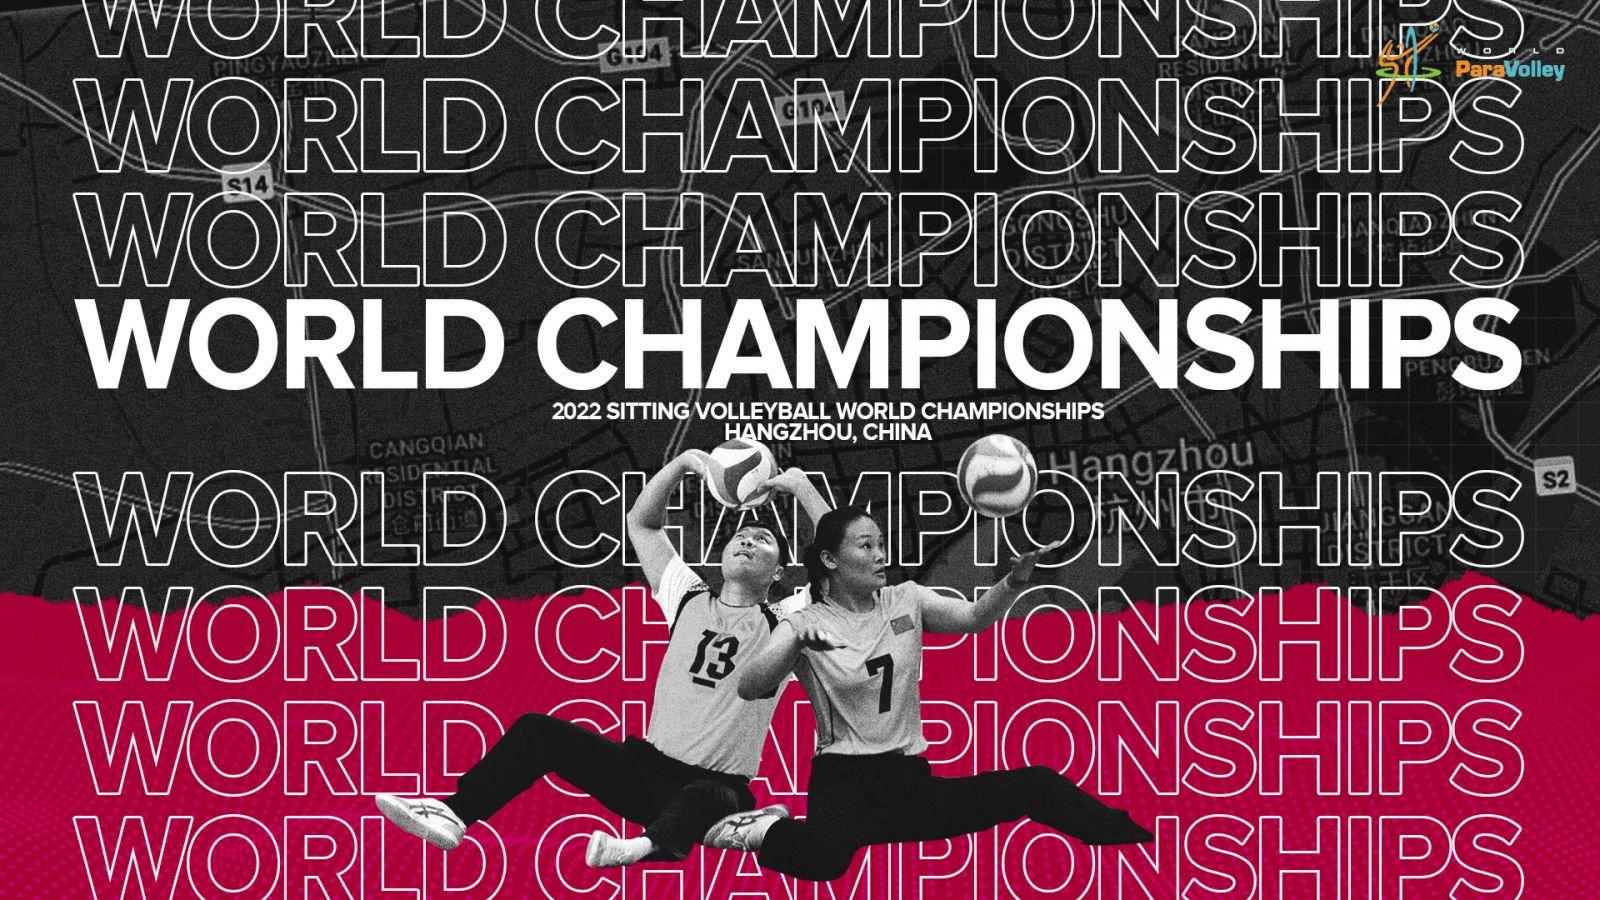 Чемпионат мира по волейболу сидя пройдет в 2022 году в Китае